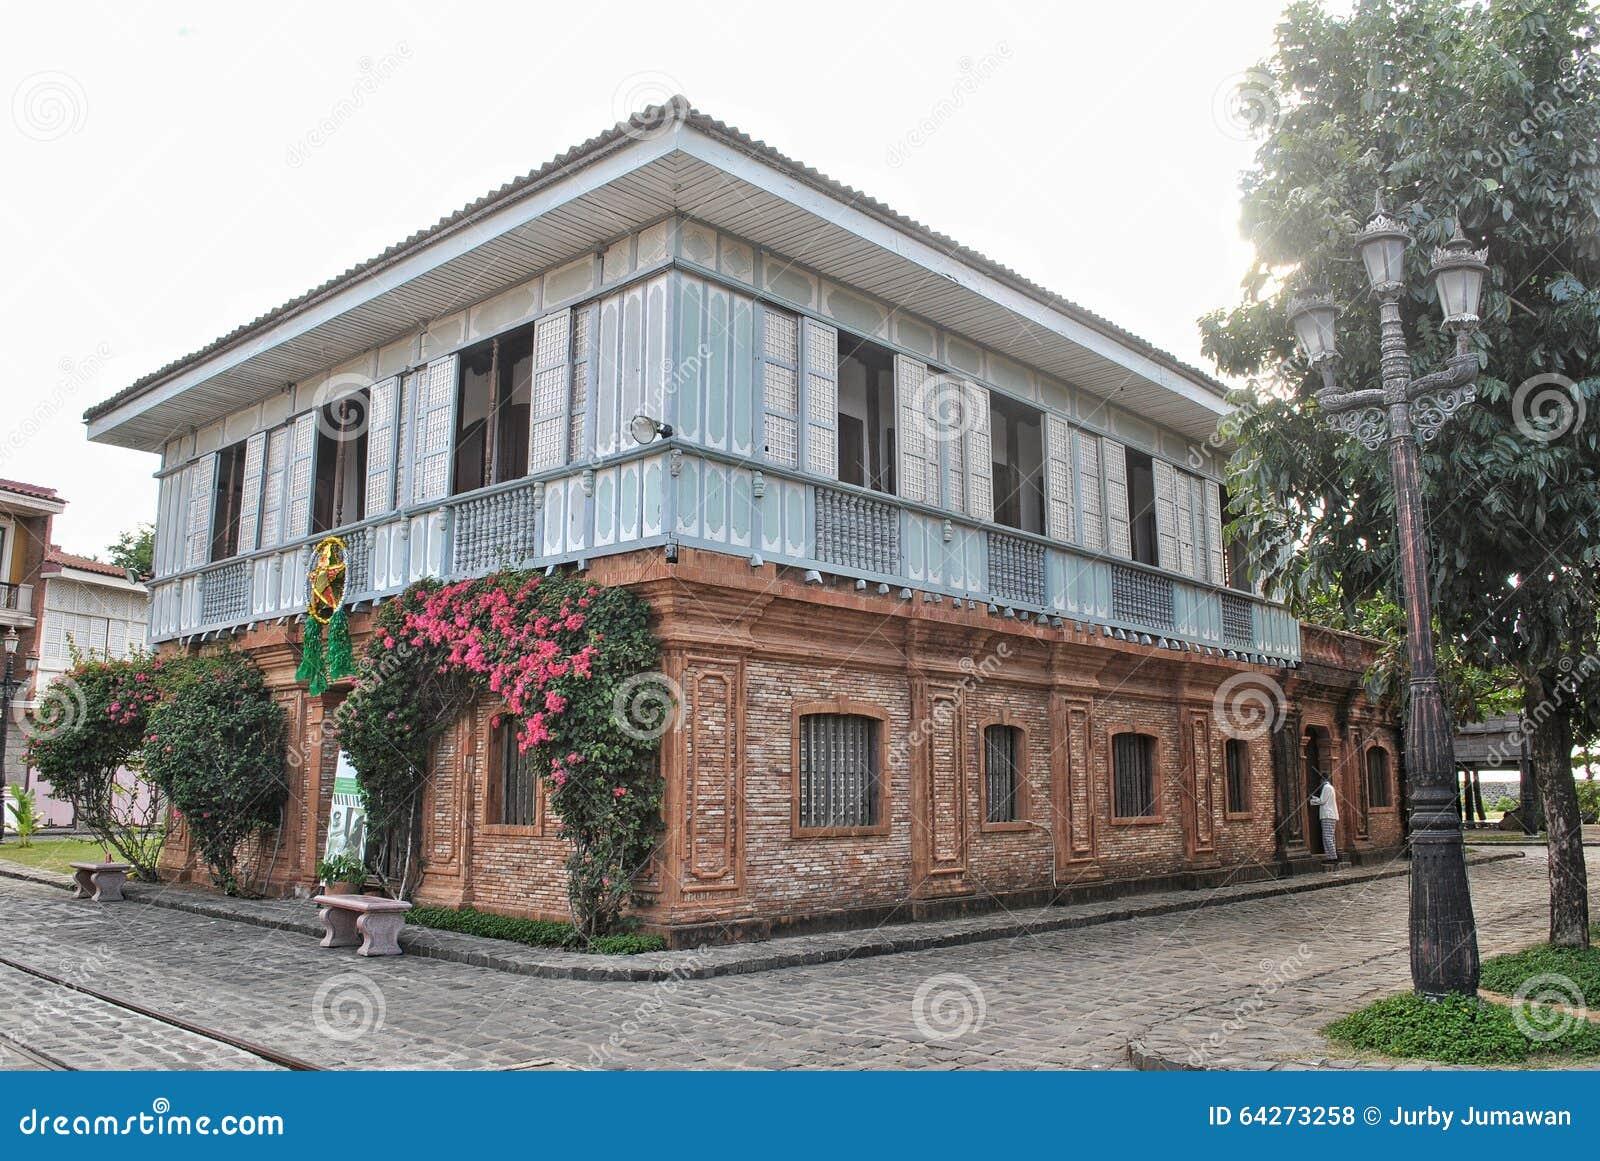 Stary Dom Zamożna Rodzina W Filipiny Podczas Hiszpańskiej Kolonialnej Ery Zdjęcie Stock